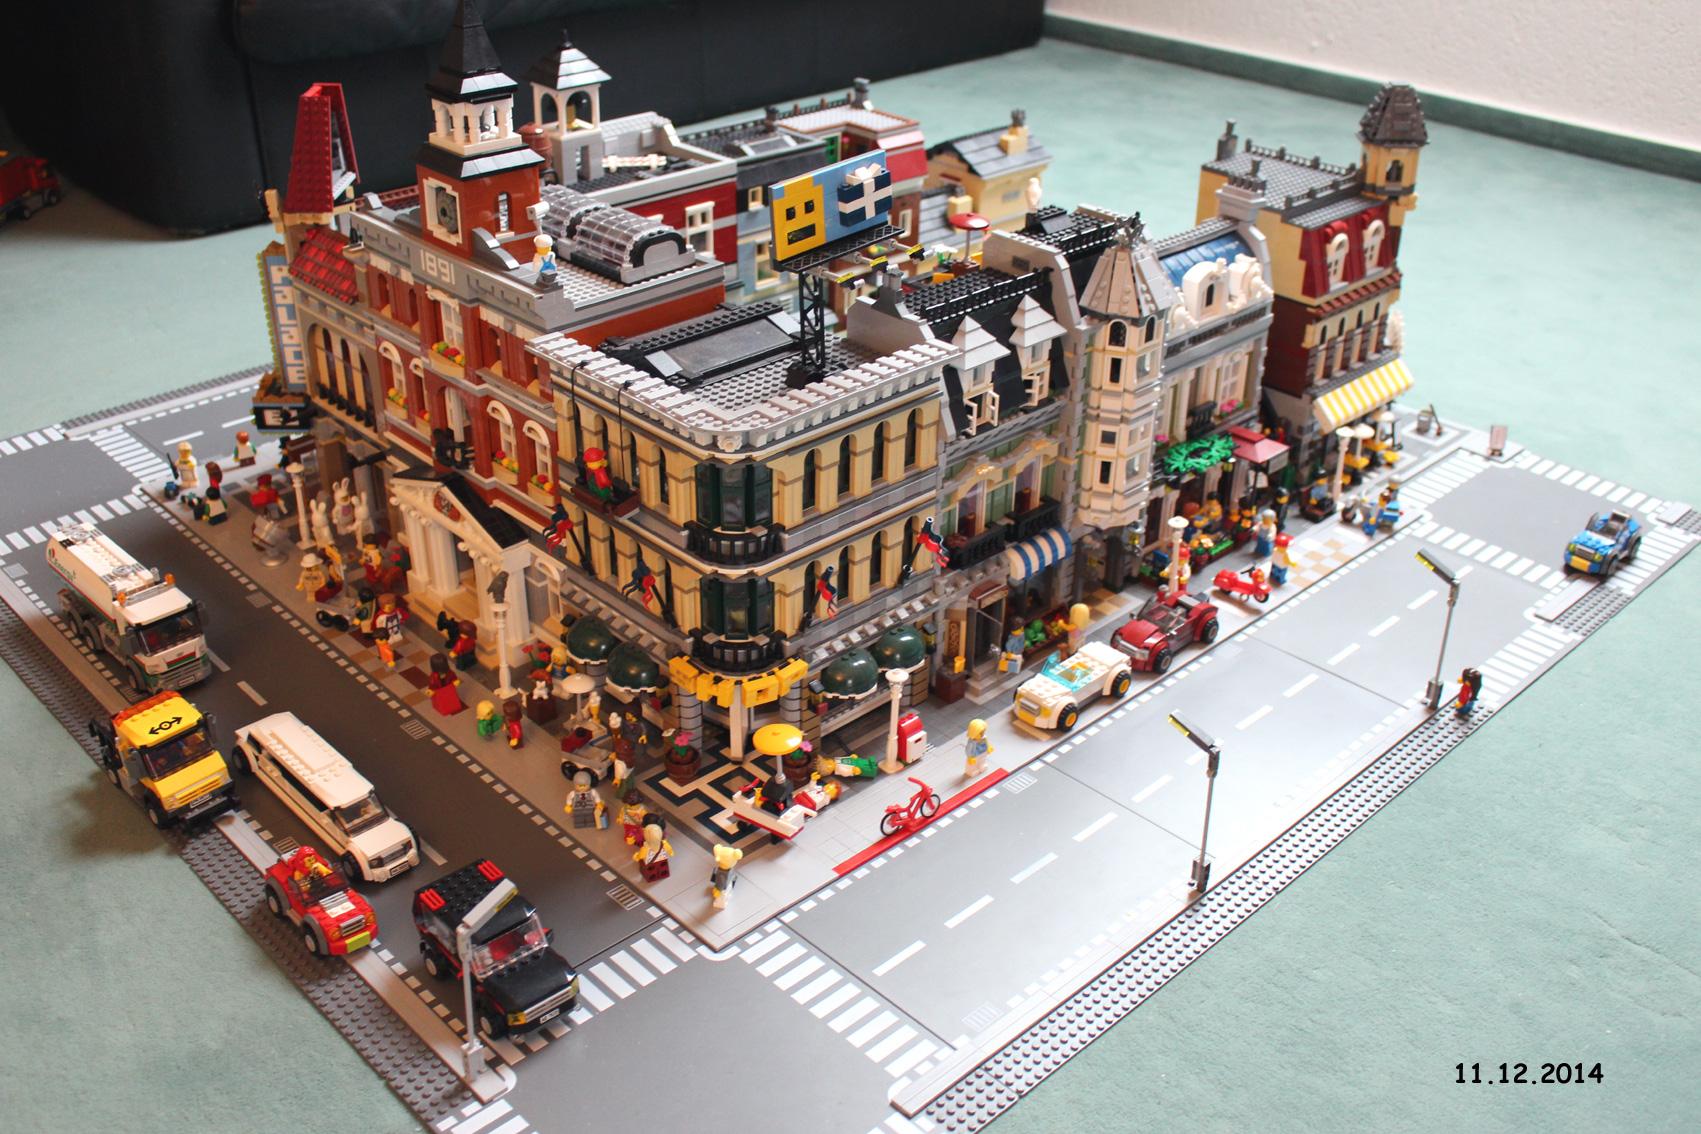 Lego City 12-2014